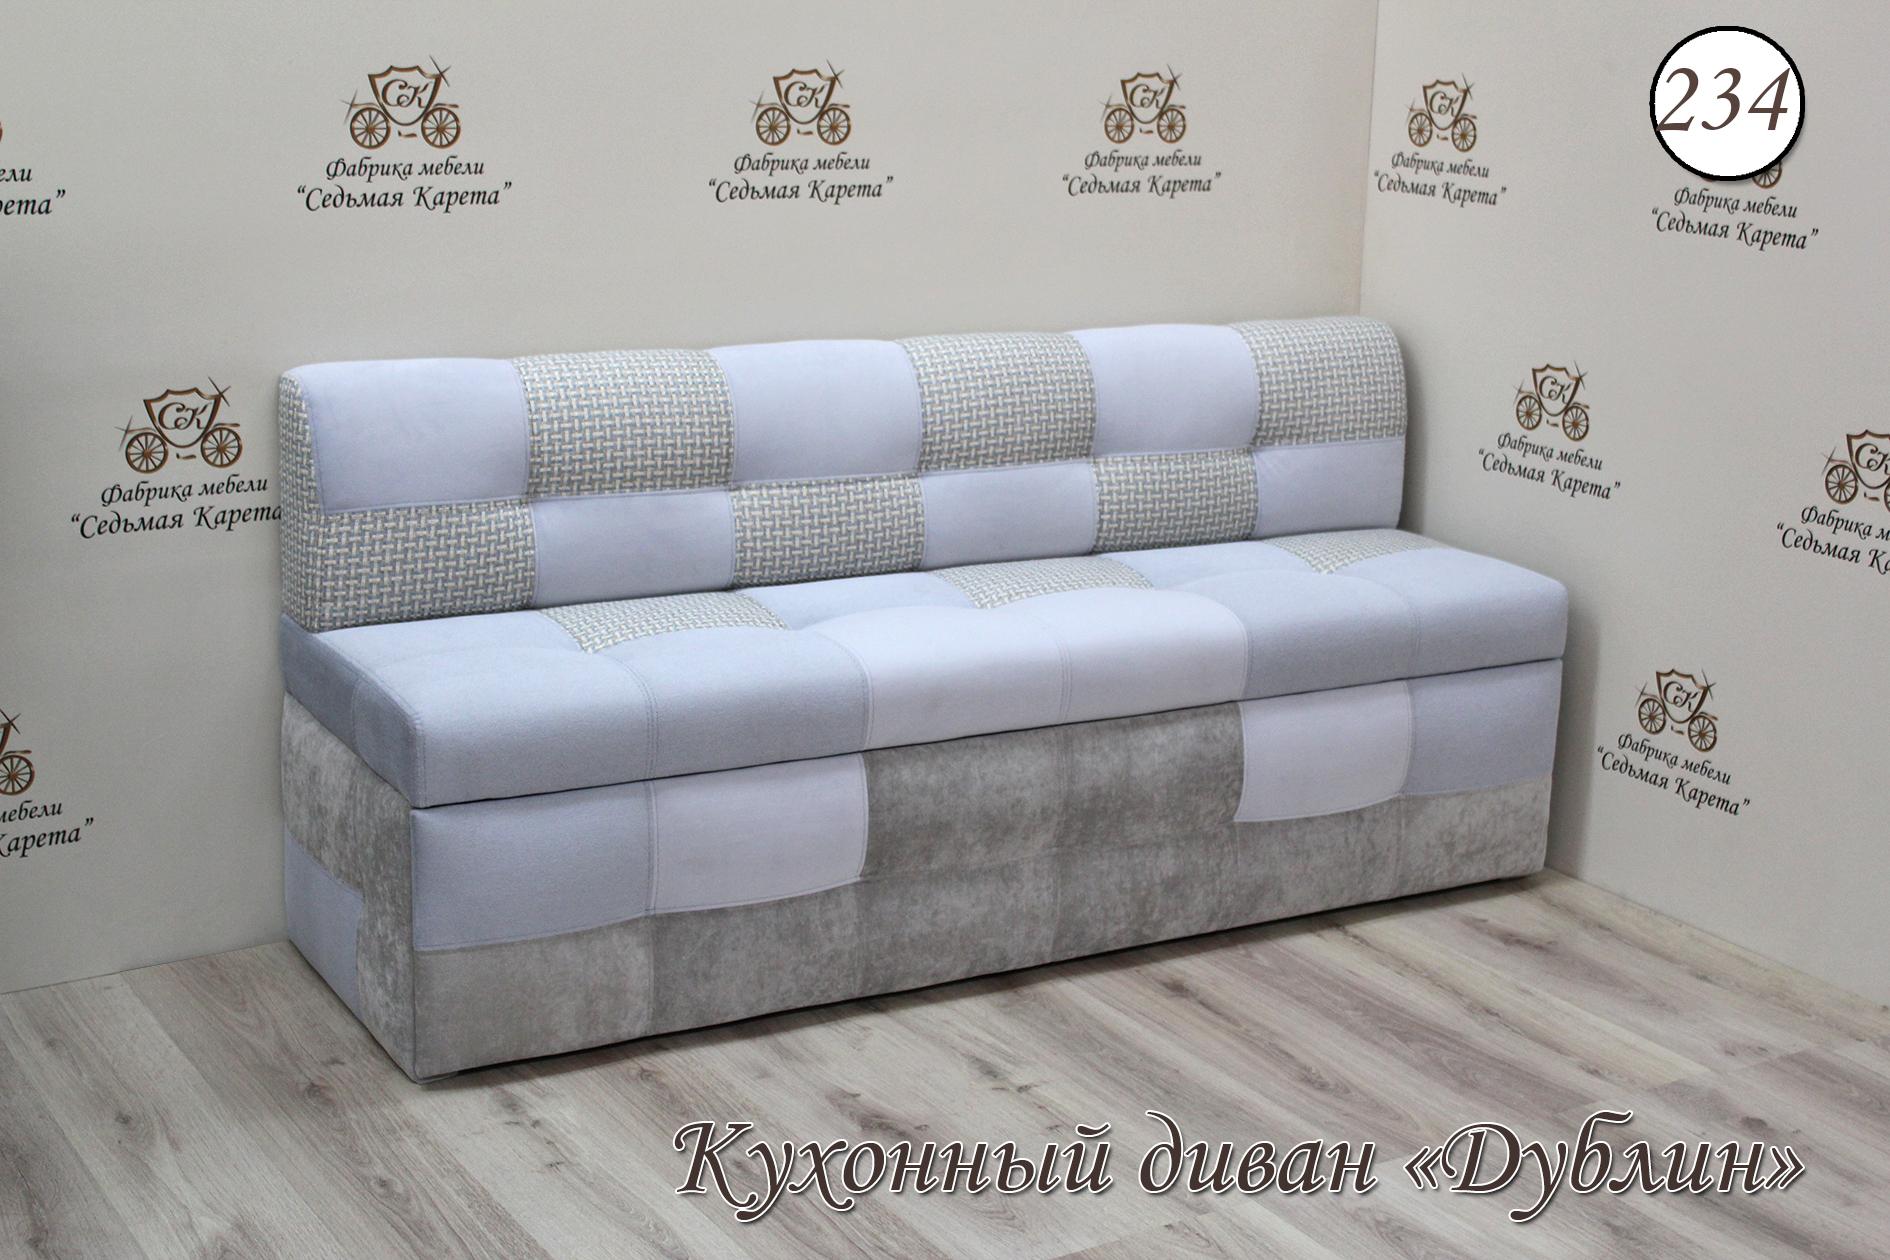 Кухонный диван Дублин-234 кухонный диван дублин